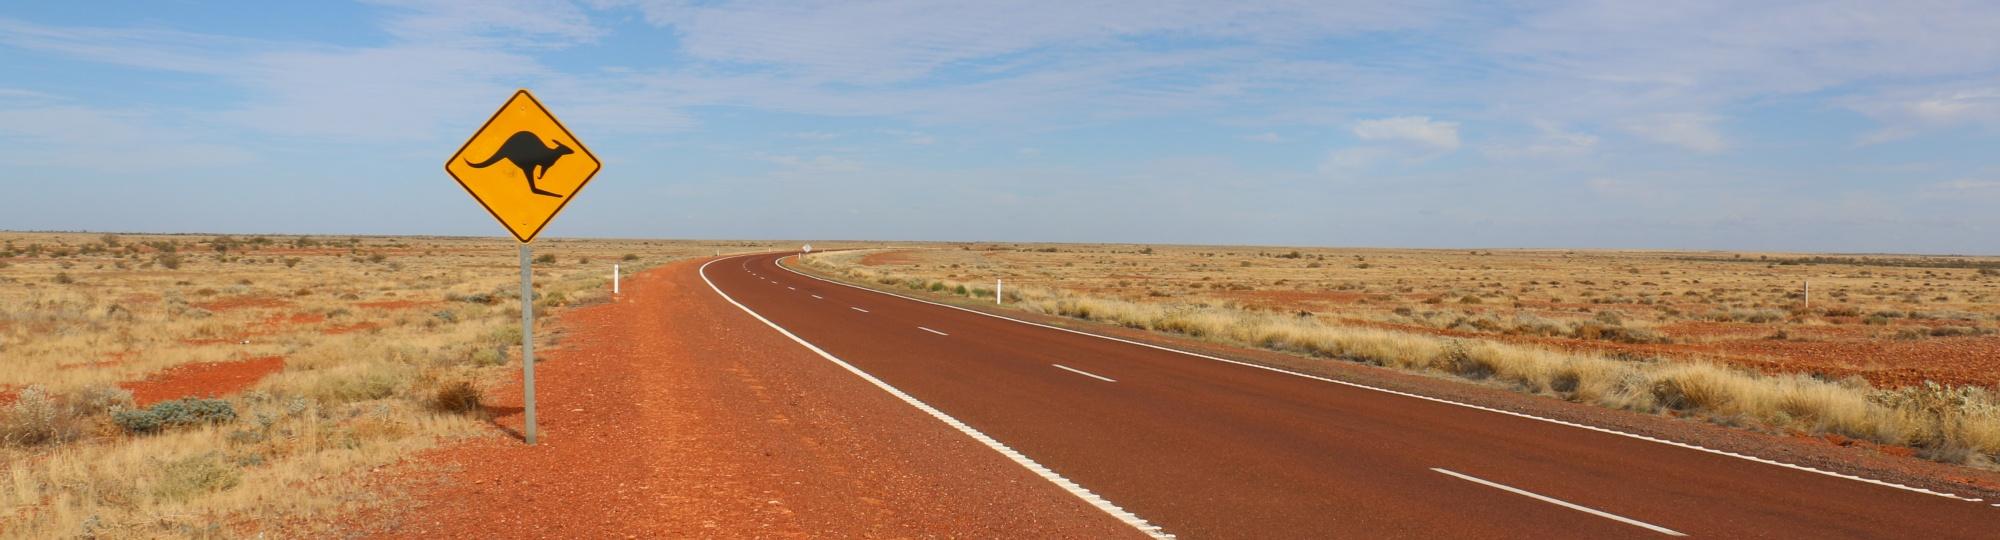 Australien – das Land der endlosen Weite?-